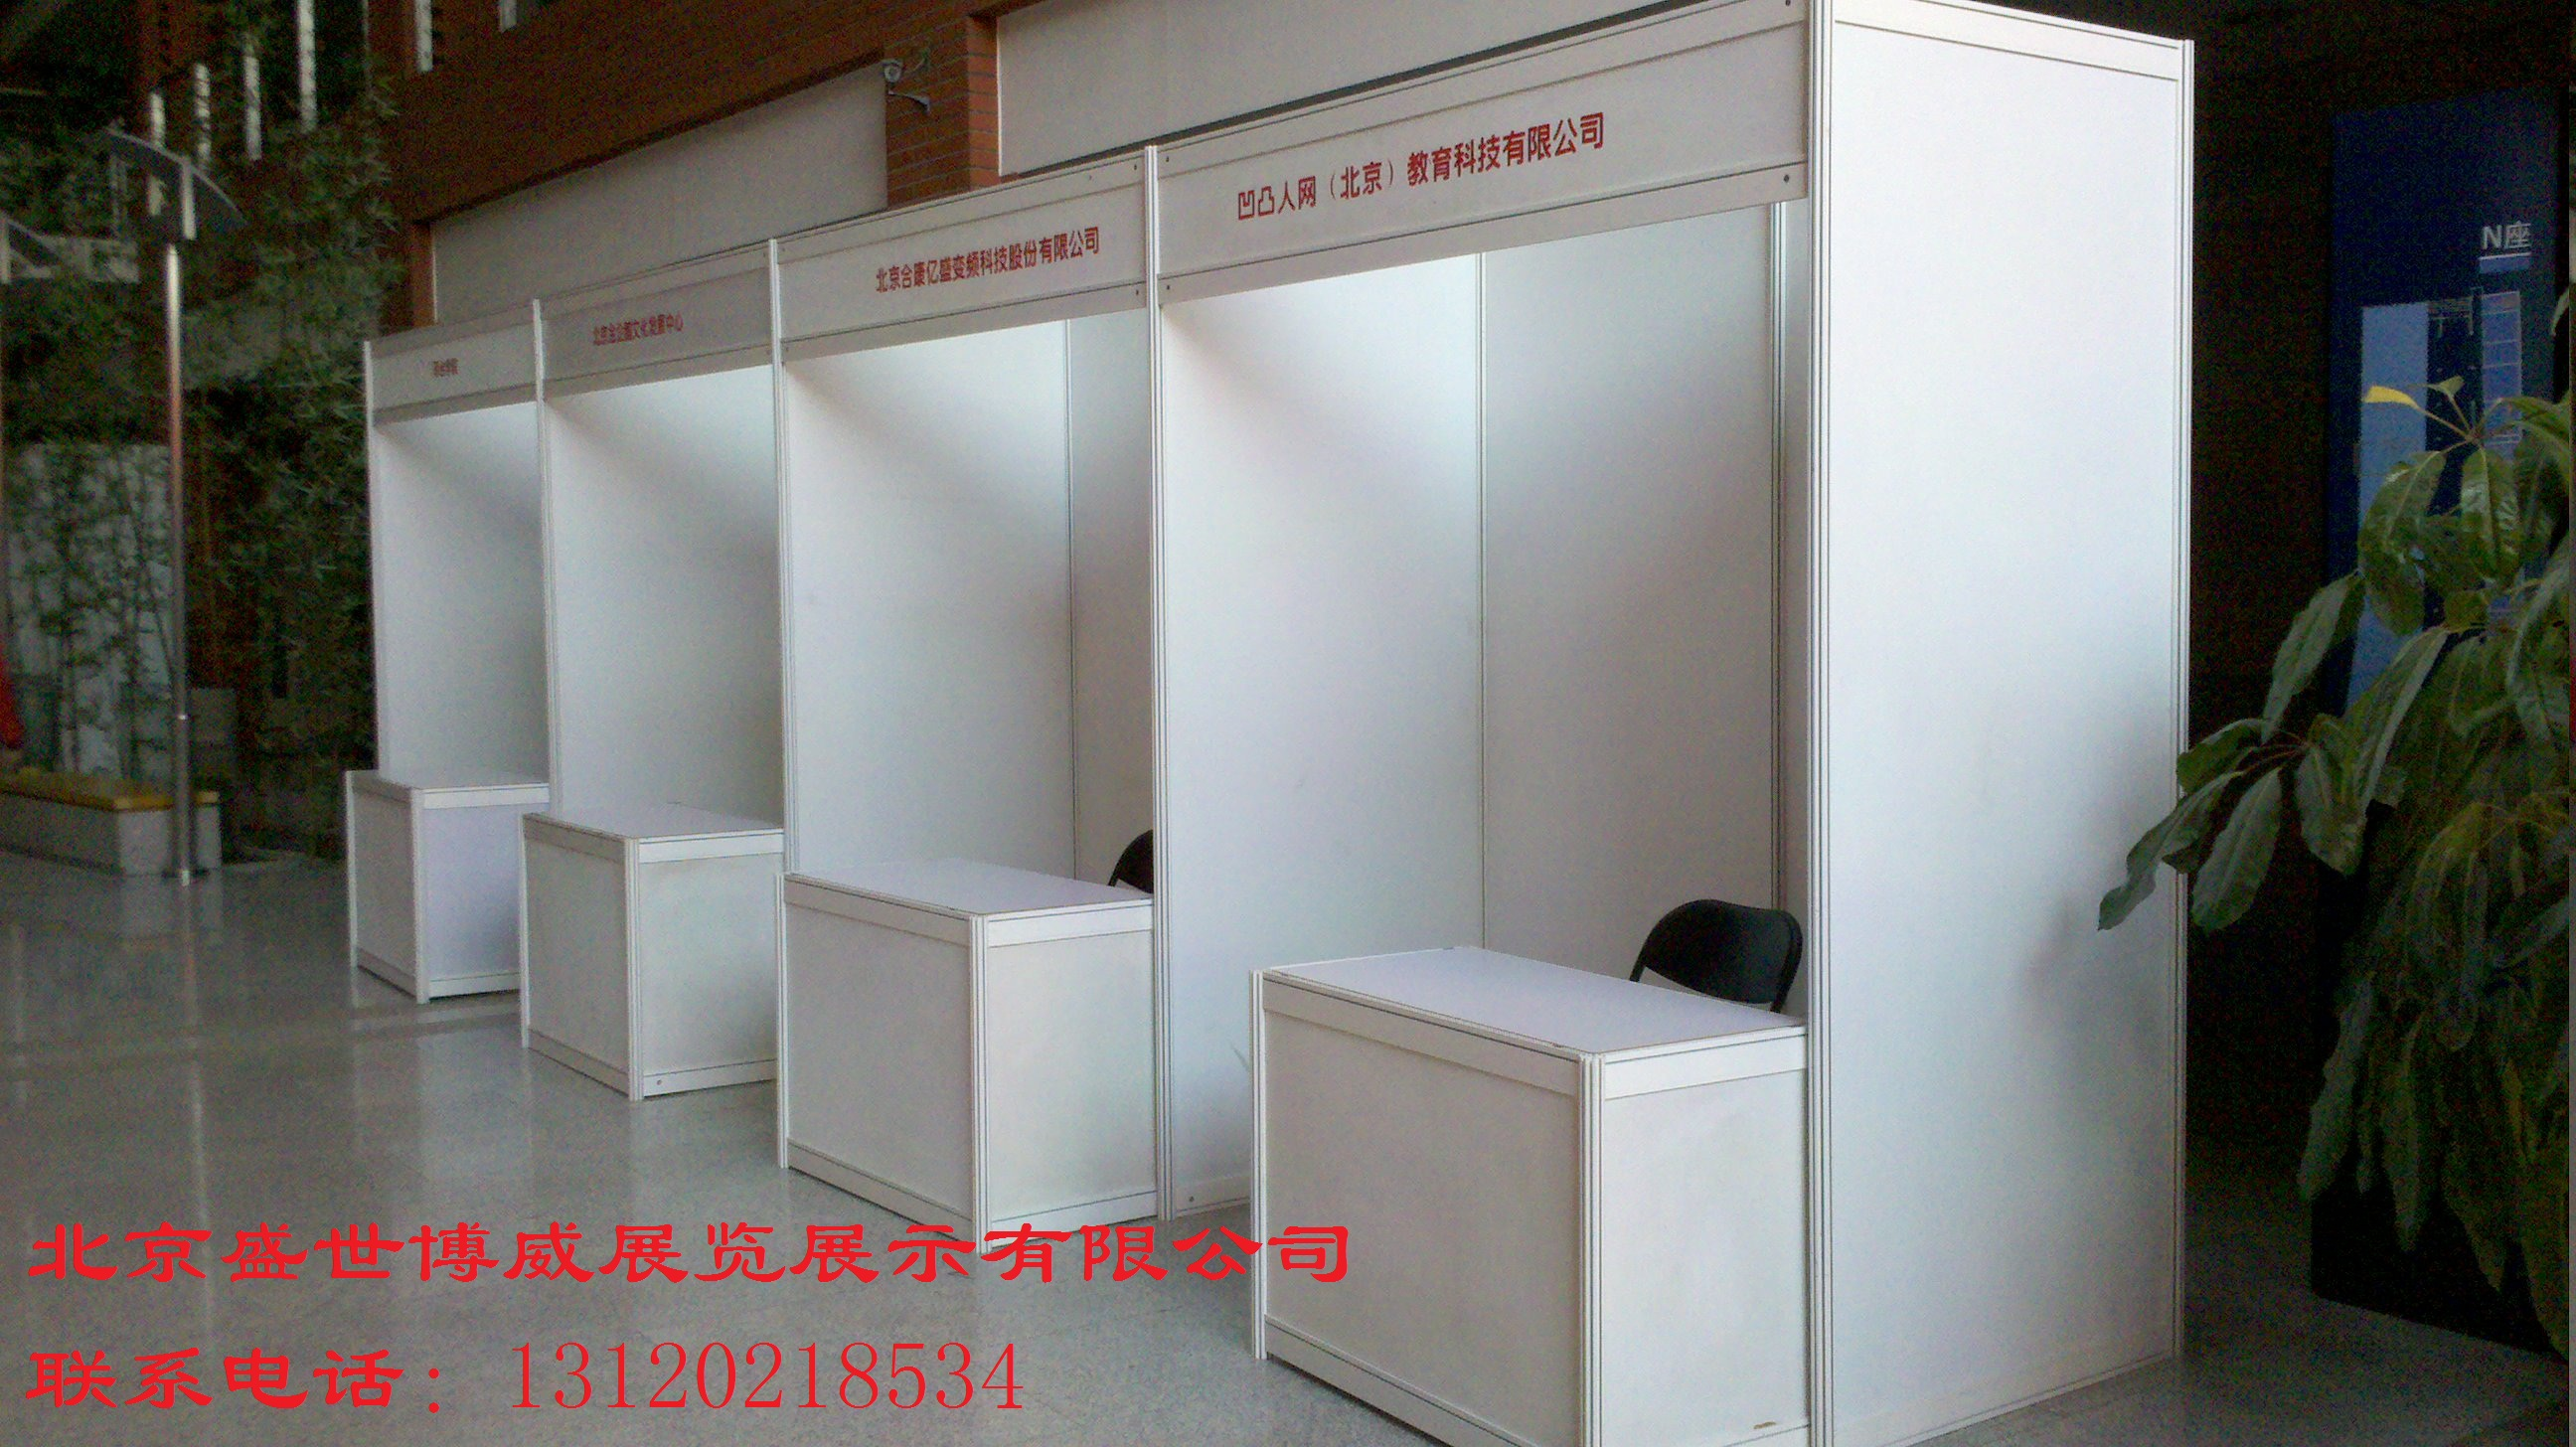 白色PVC展板出租挂画展板租赁销售